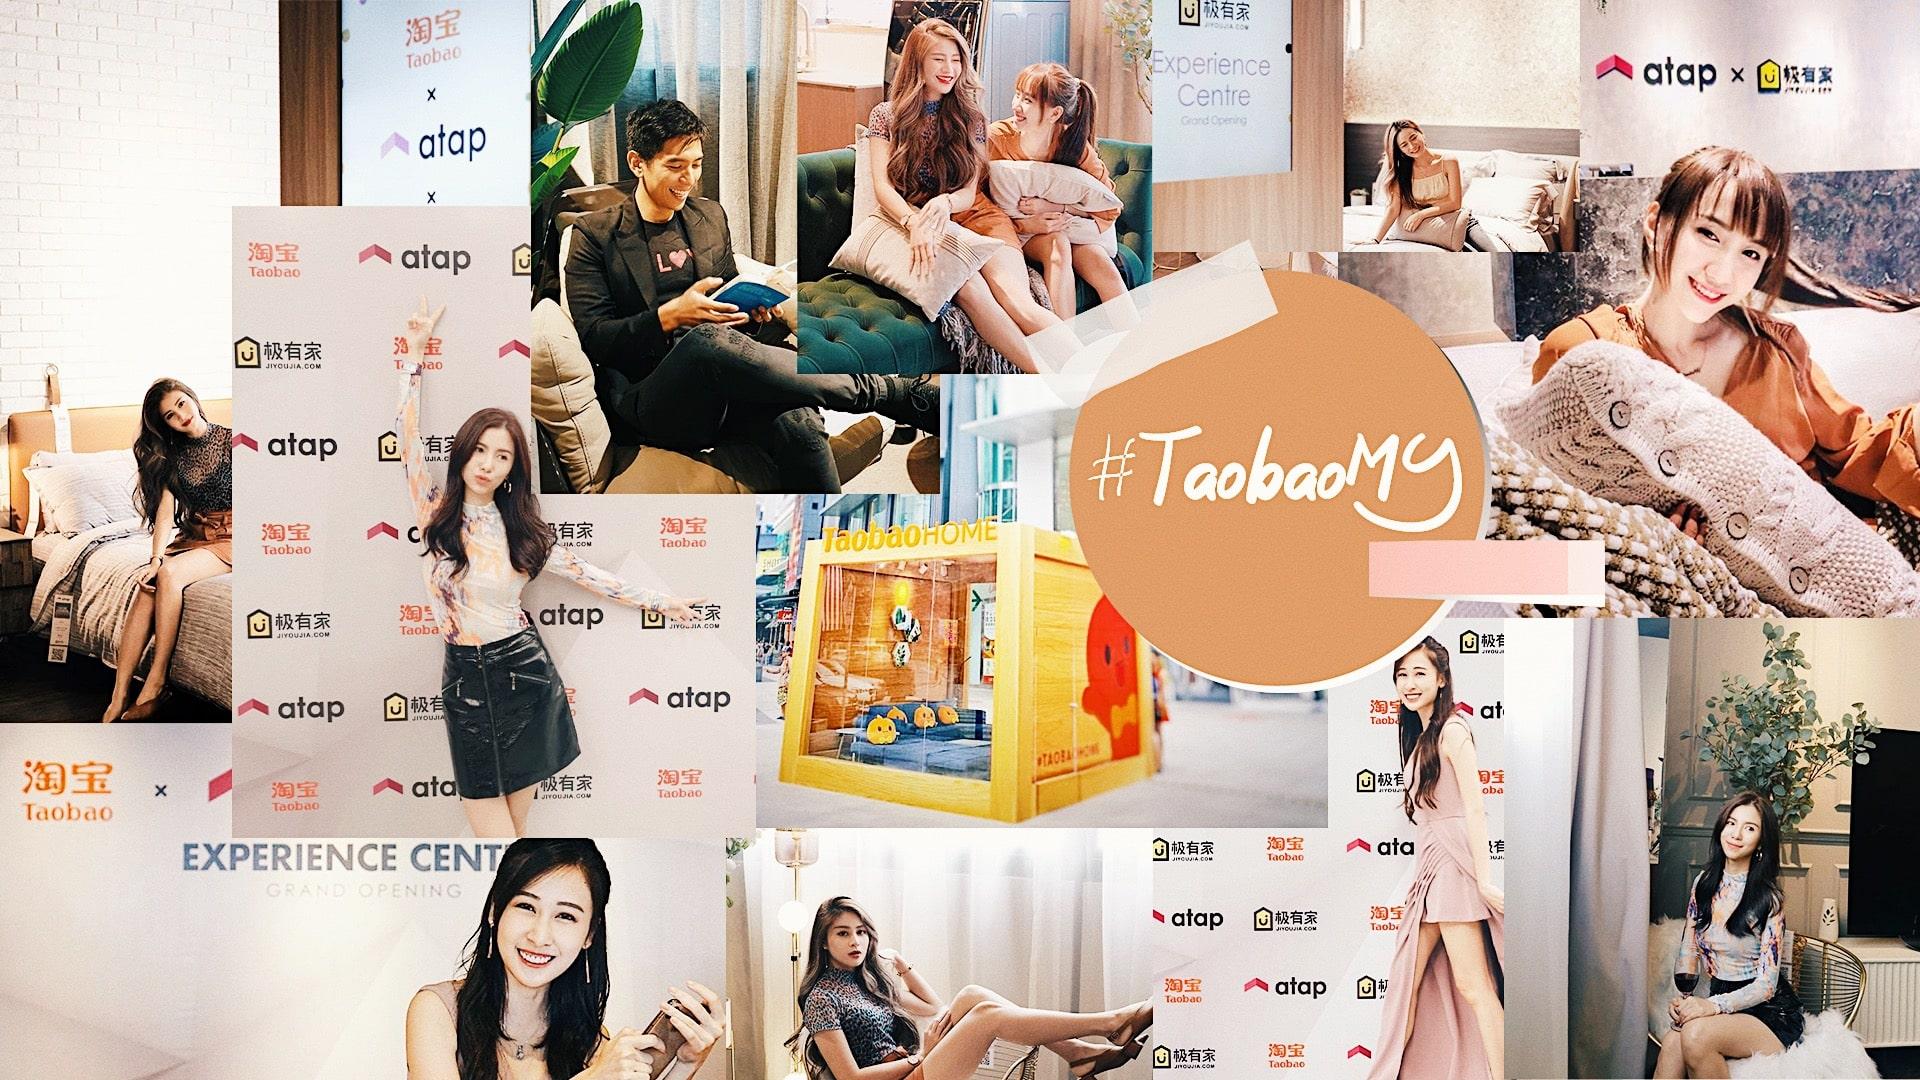 Taobao Efforts